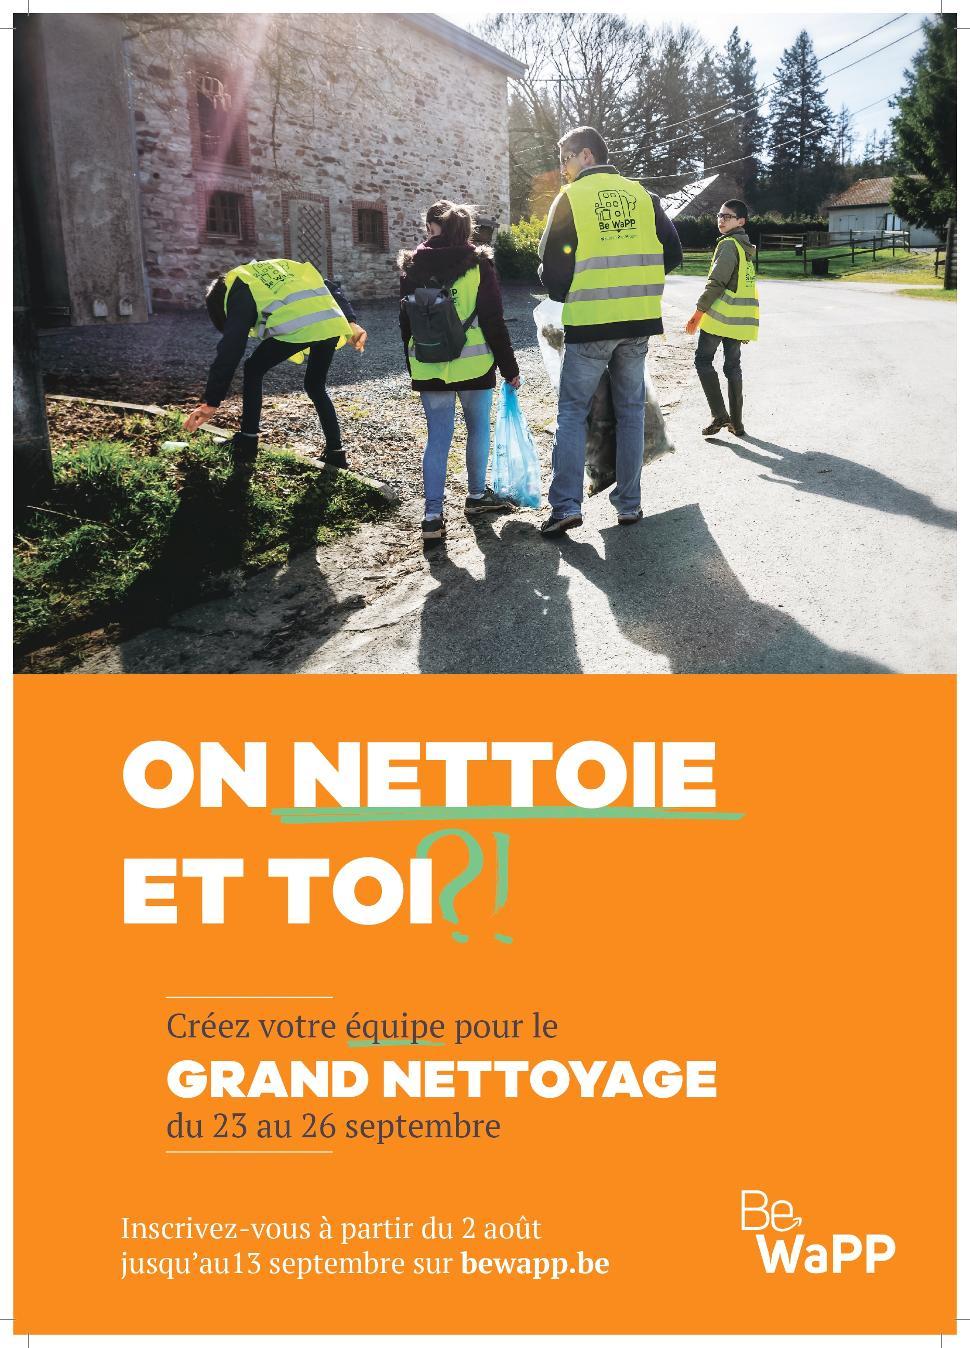 Grand Nettoyage ©BeWaPP 09-2021